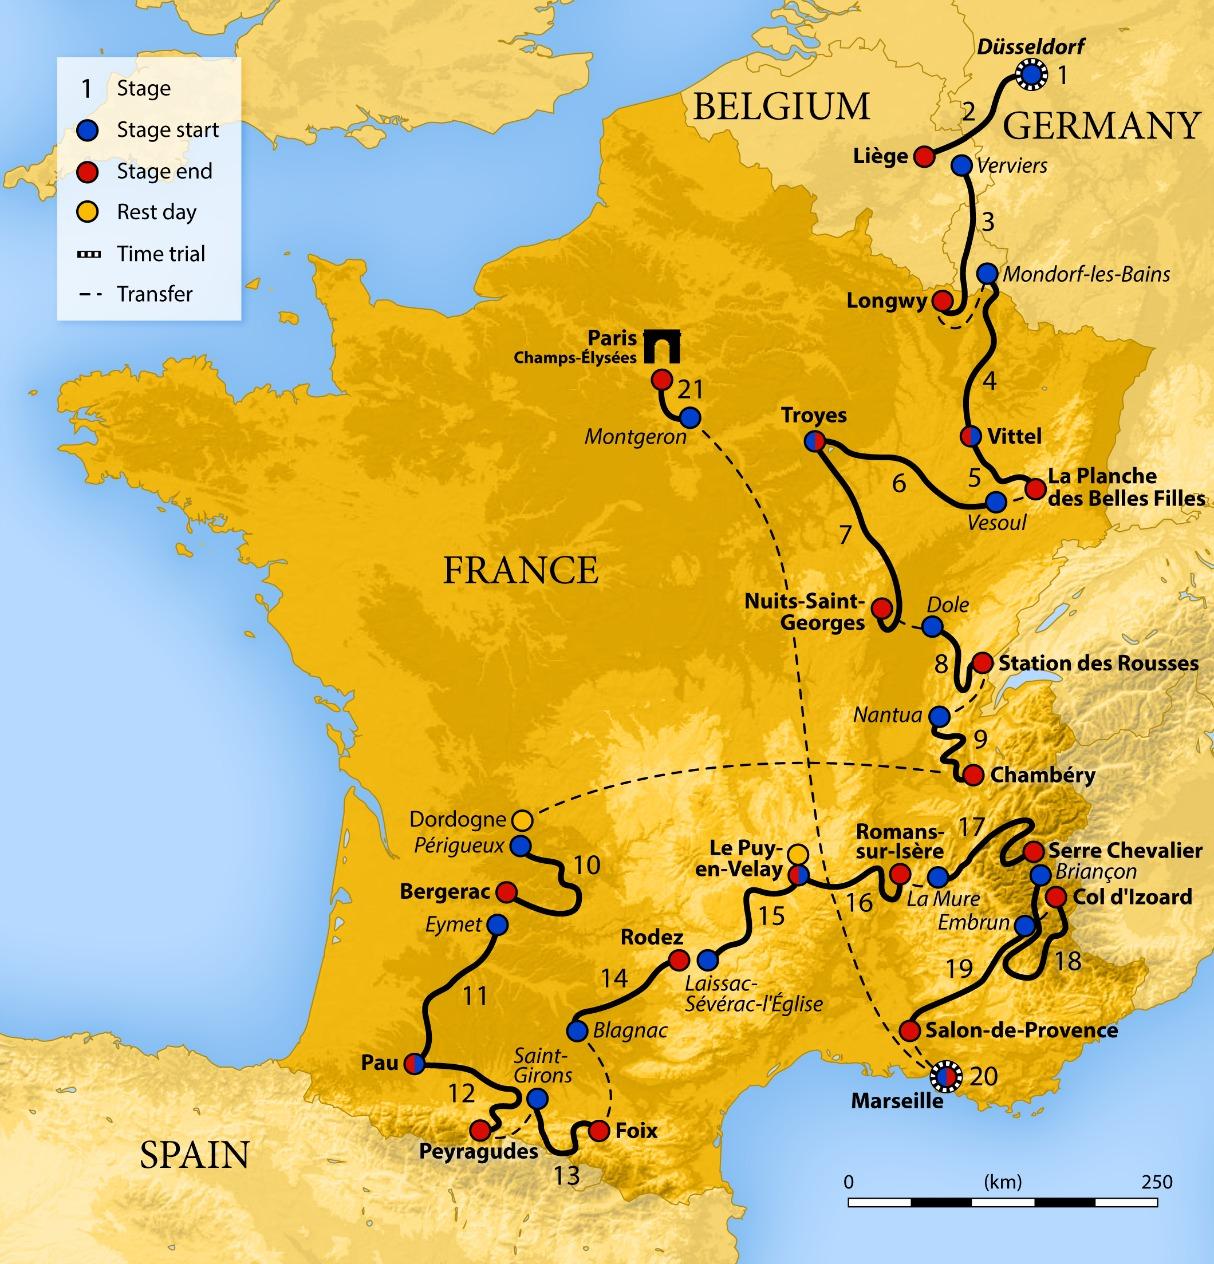 tour-de-france-2017-route-map